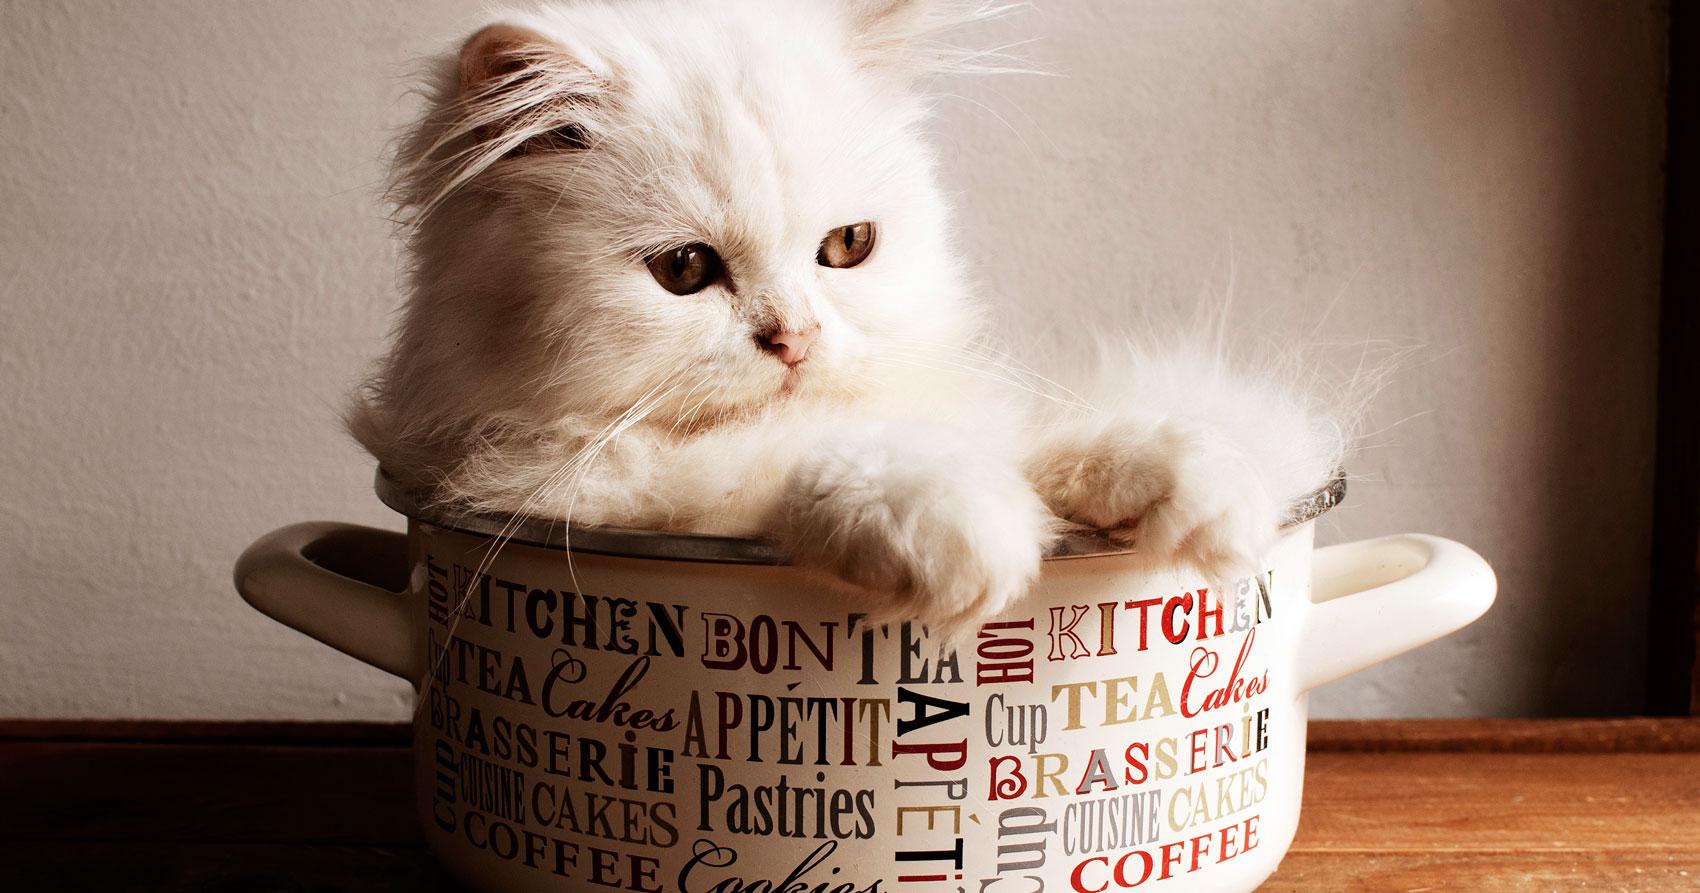 Los gatos son inteligentes y pueden aprender